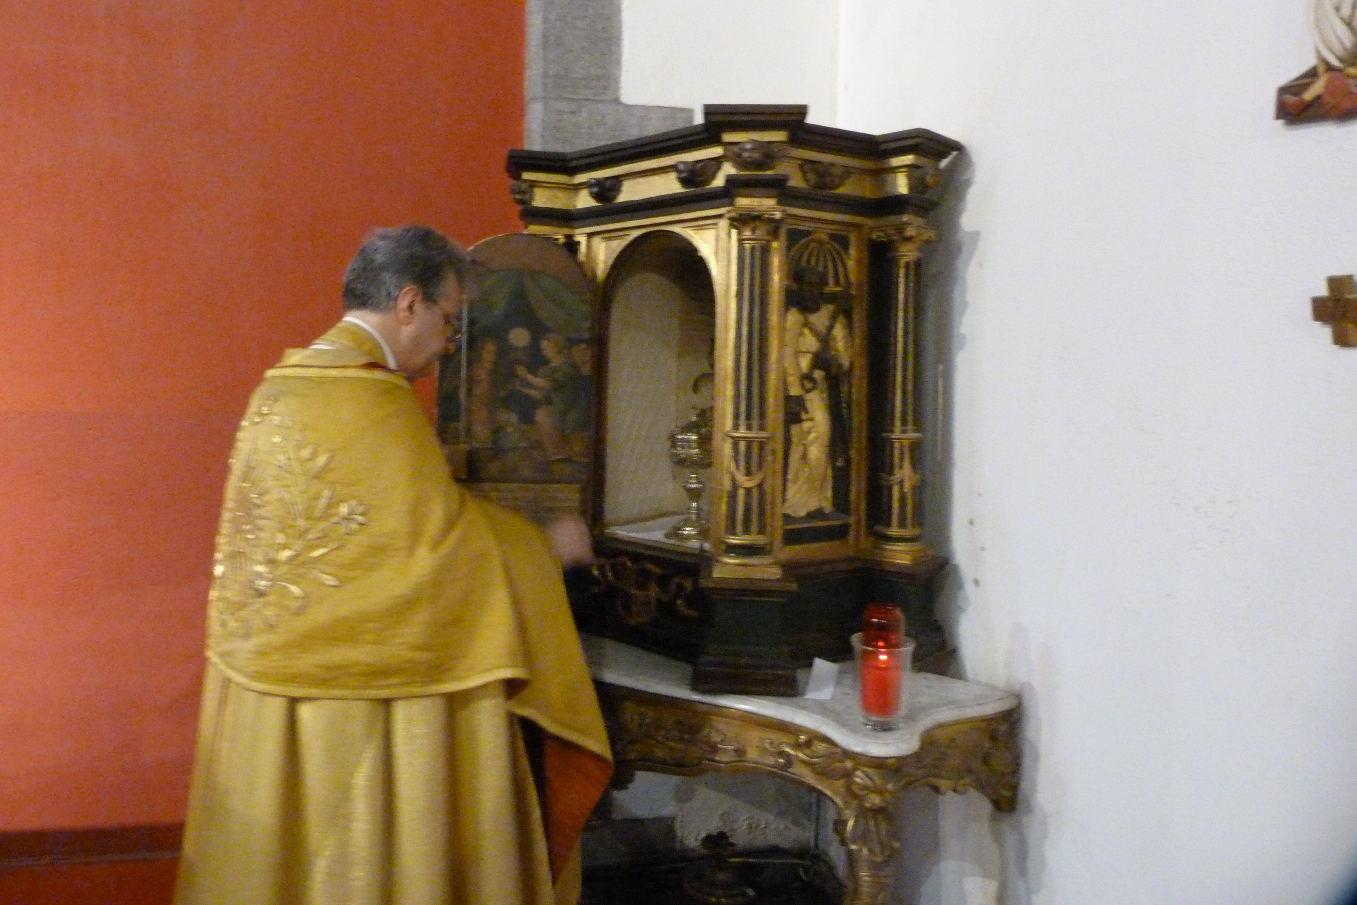 Il ne faut pas attendre un an pour s'approcher du Saint Sacrement ! Jésus reste toujours présent au tabernacle pour quand on le désire.